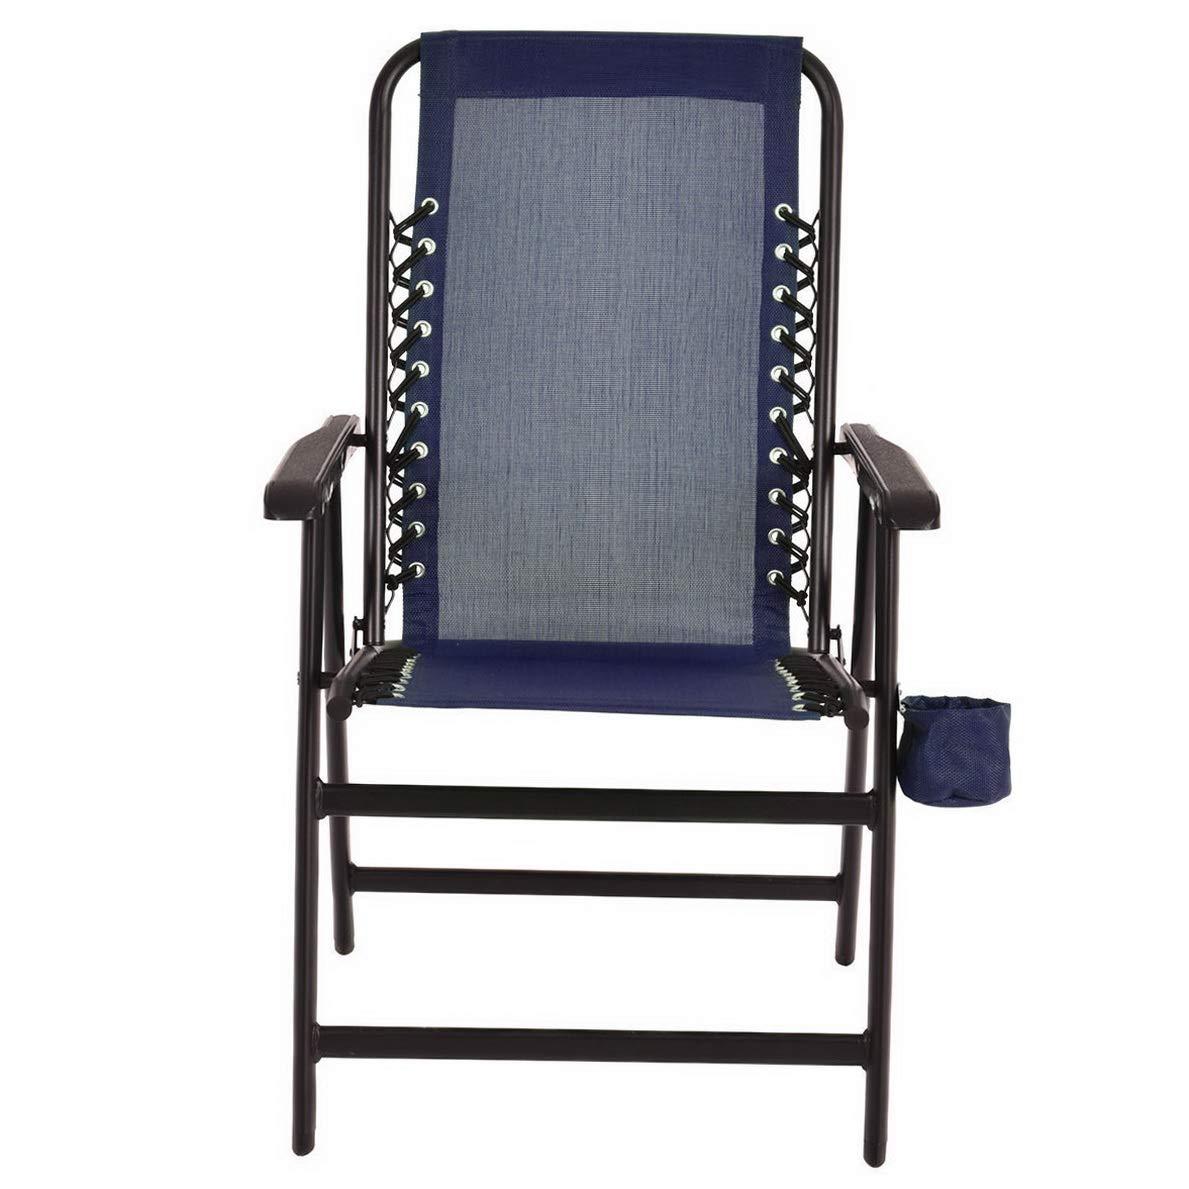 Patio Chair Cushions Rite Aid Chair Pads Amp Cushions